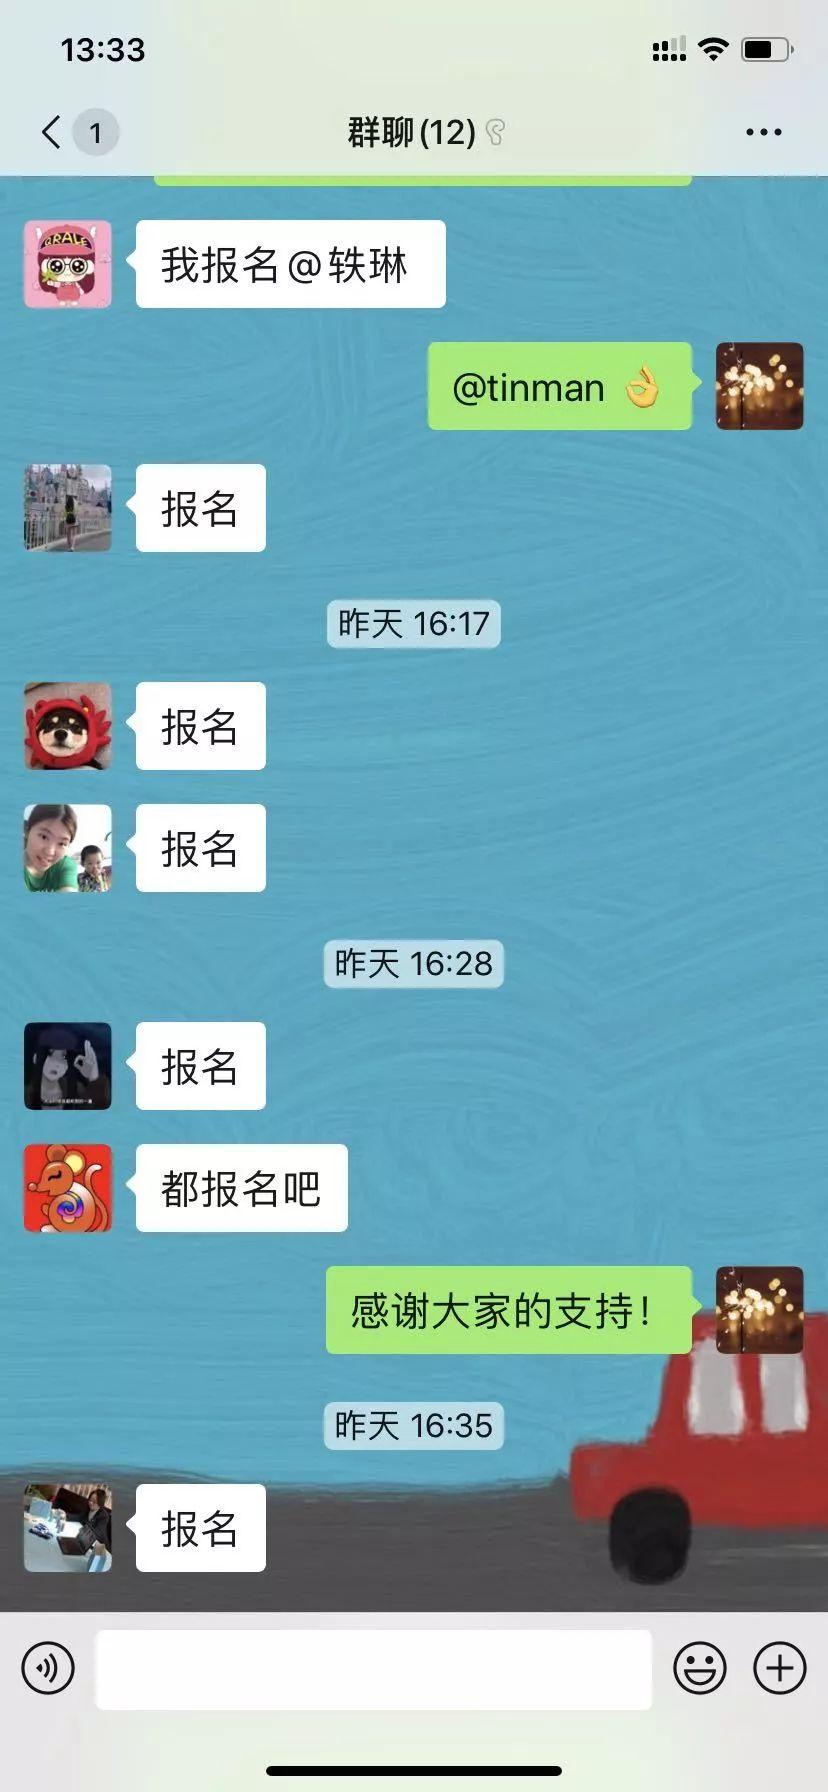 """""""大家好好过节,武汉前线有我们!""""元宵节,这对上海夫妻却无法团"""